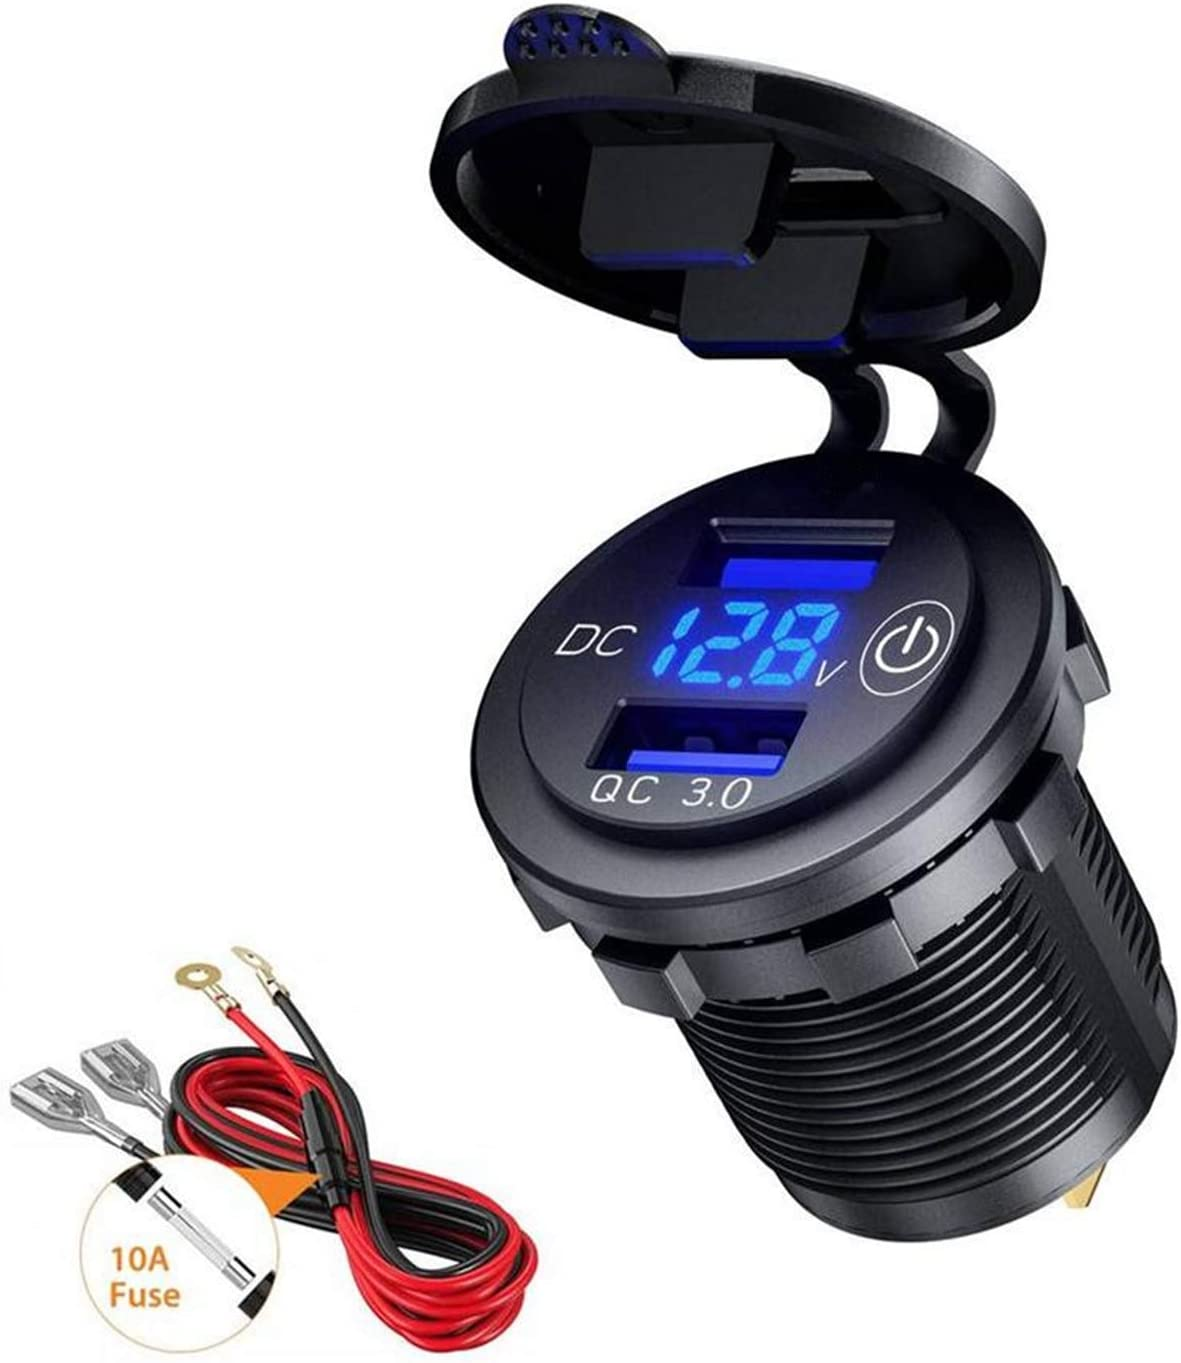 Thlevel QC 3.0 USB Cargador de Coche Doble Puerto con Voltímetro LED y Interruptor Táctil - Cargador Móvil Coche con Carga Rápida 12V / 24V - para Adaptador Cargador para Coches, Motos o Barco